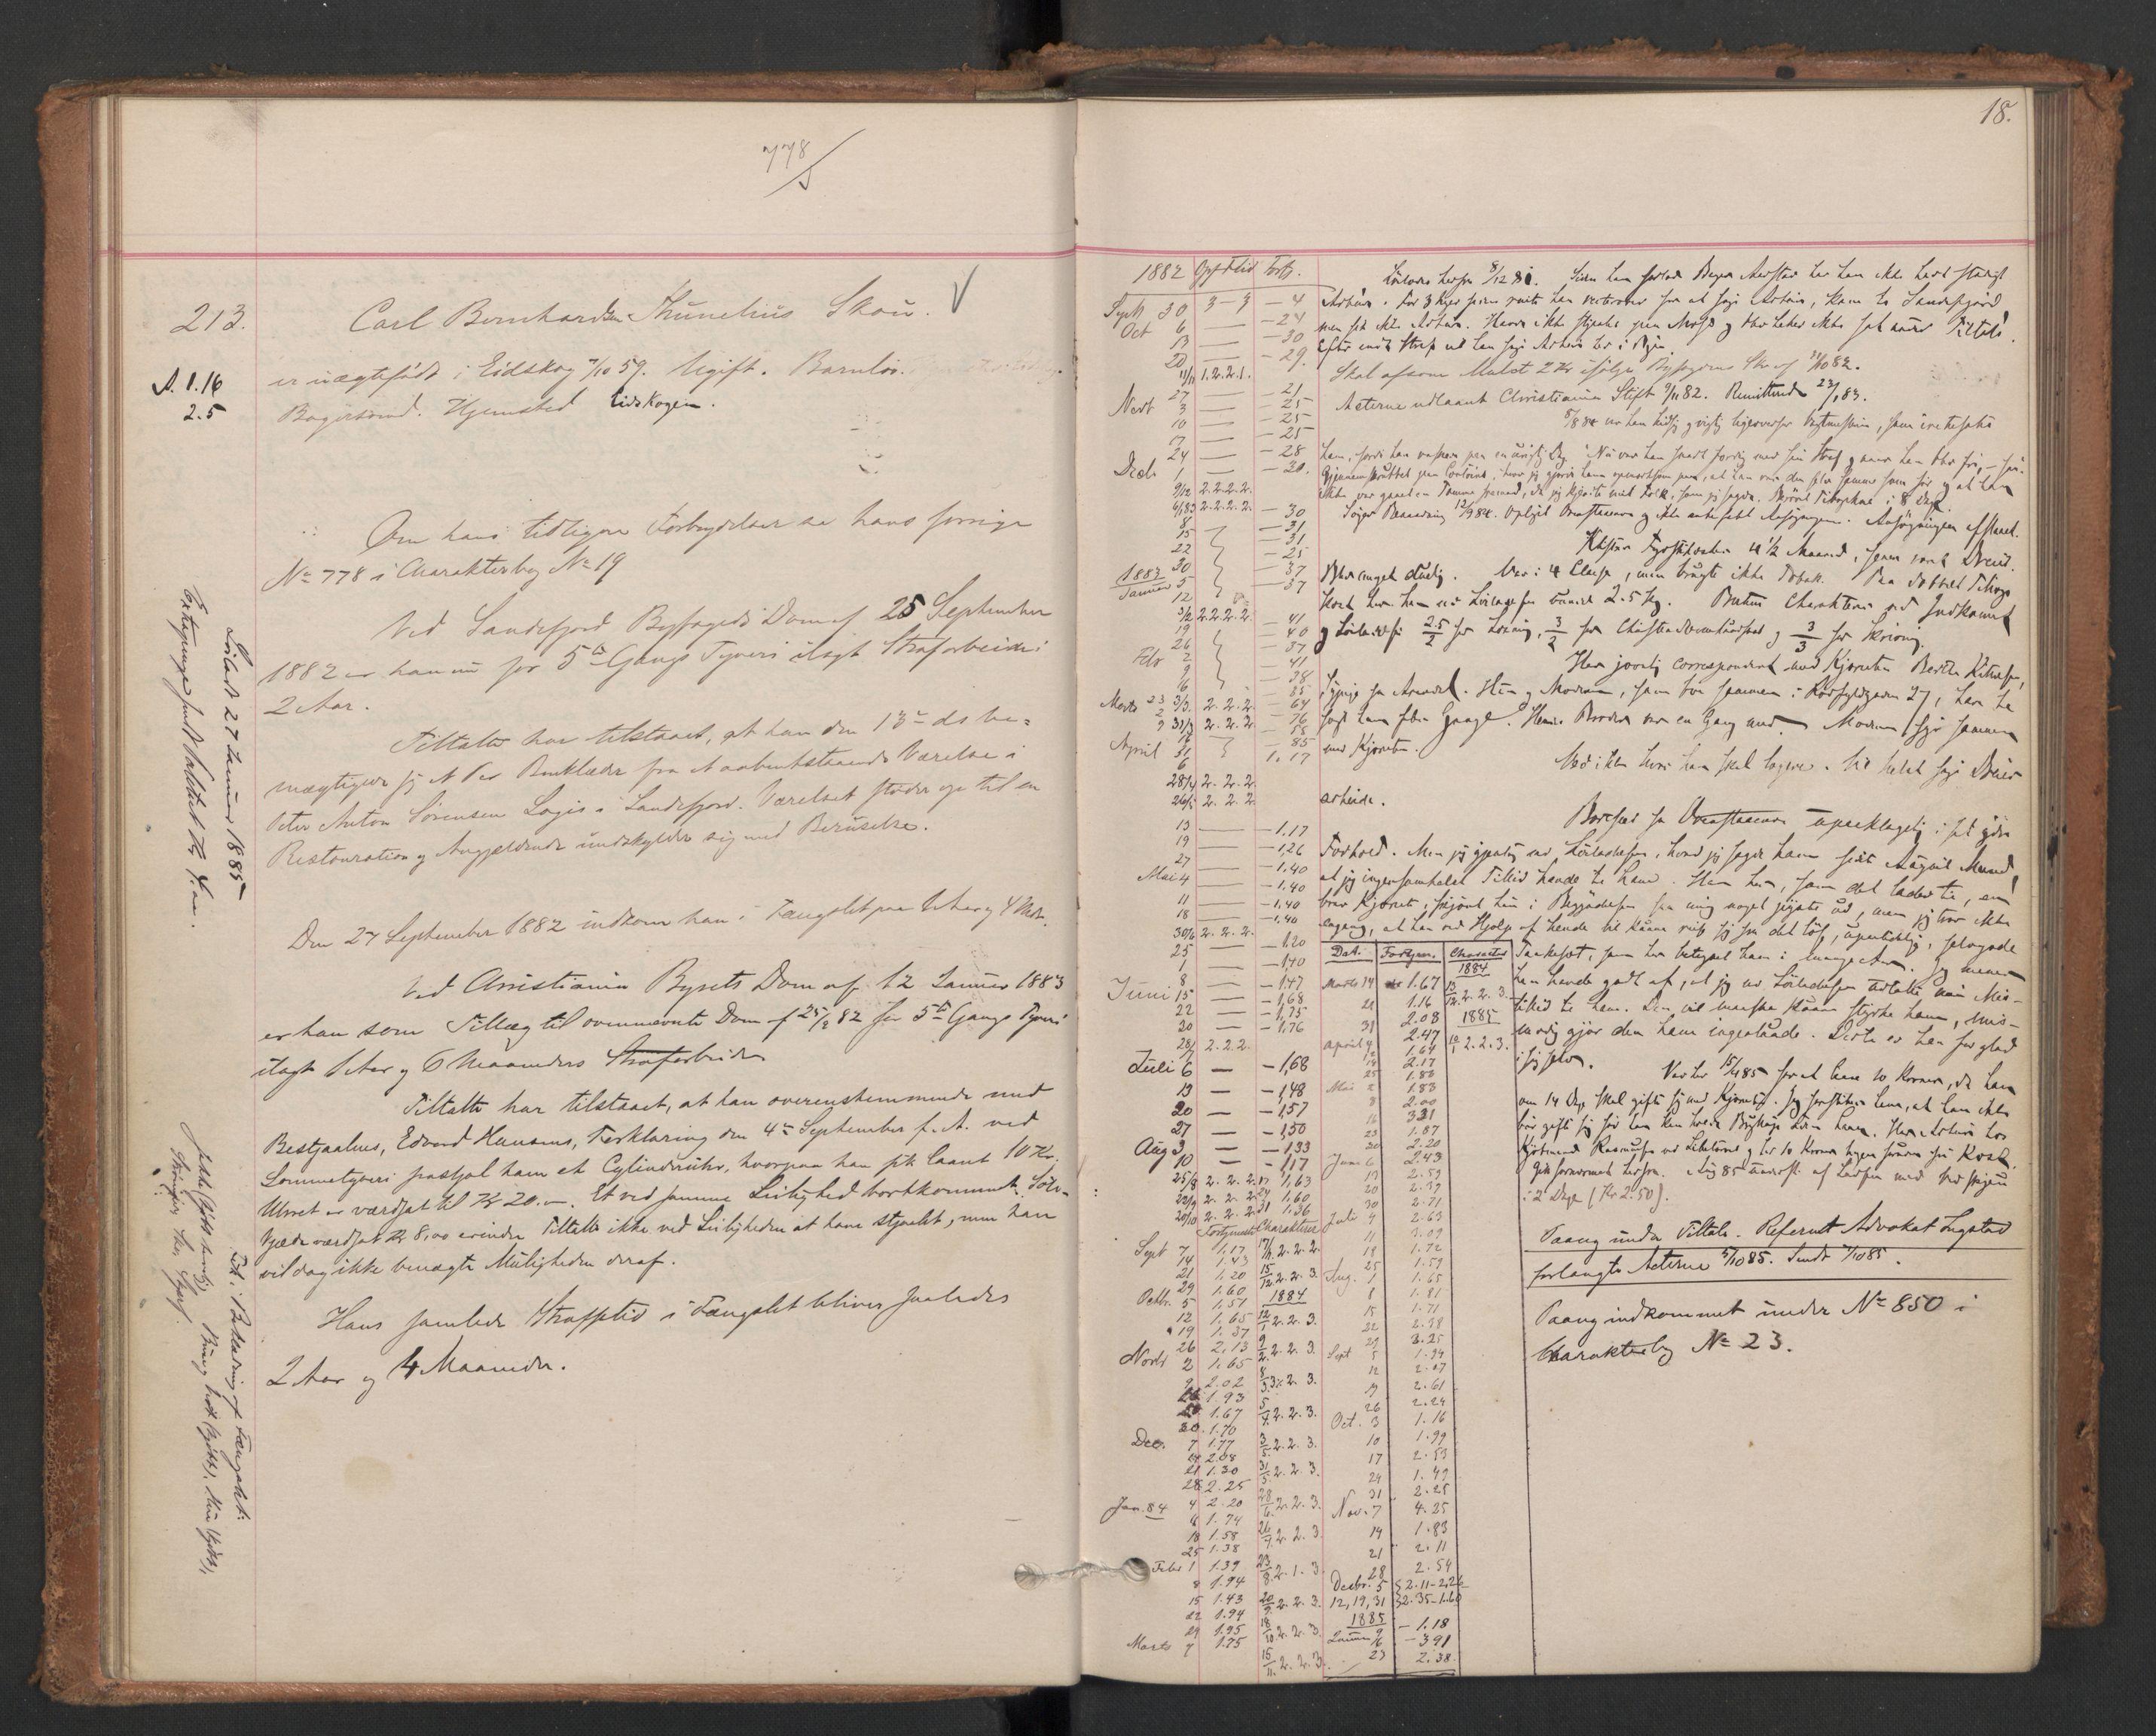 RA, Botsfengslet, D/Db/Dbb/L0021: 196g - 484g, 1882-1884, s. 18